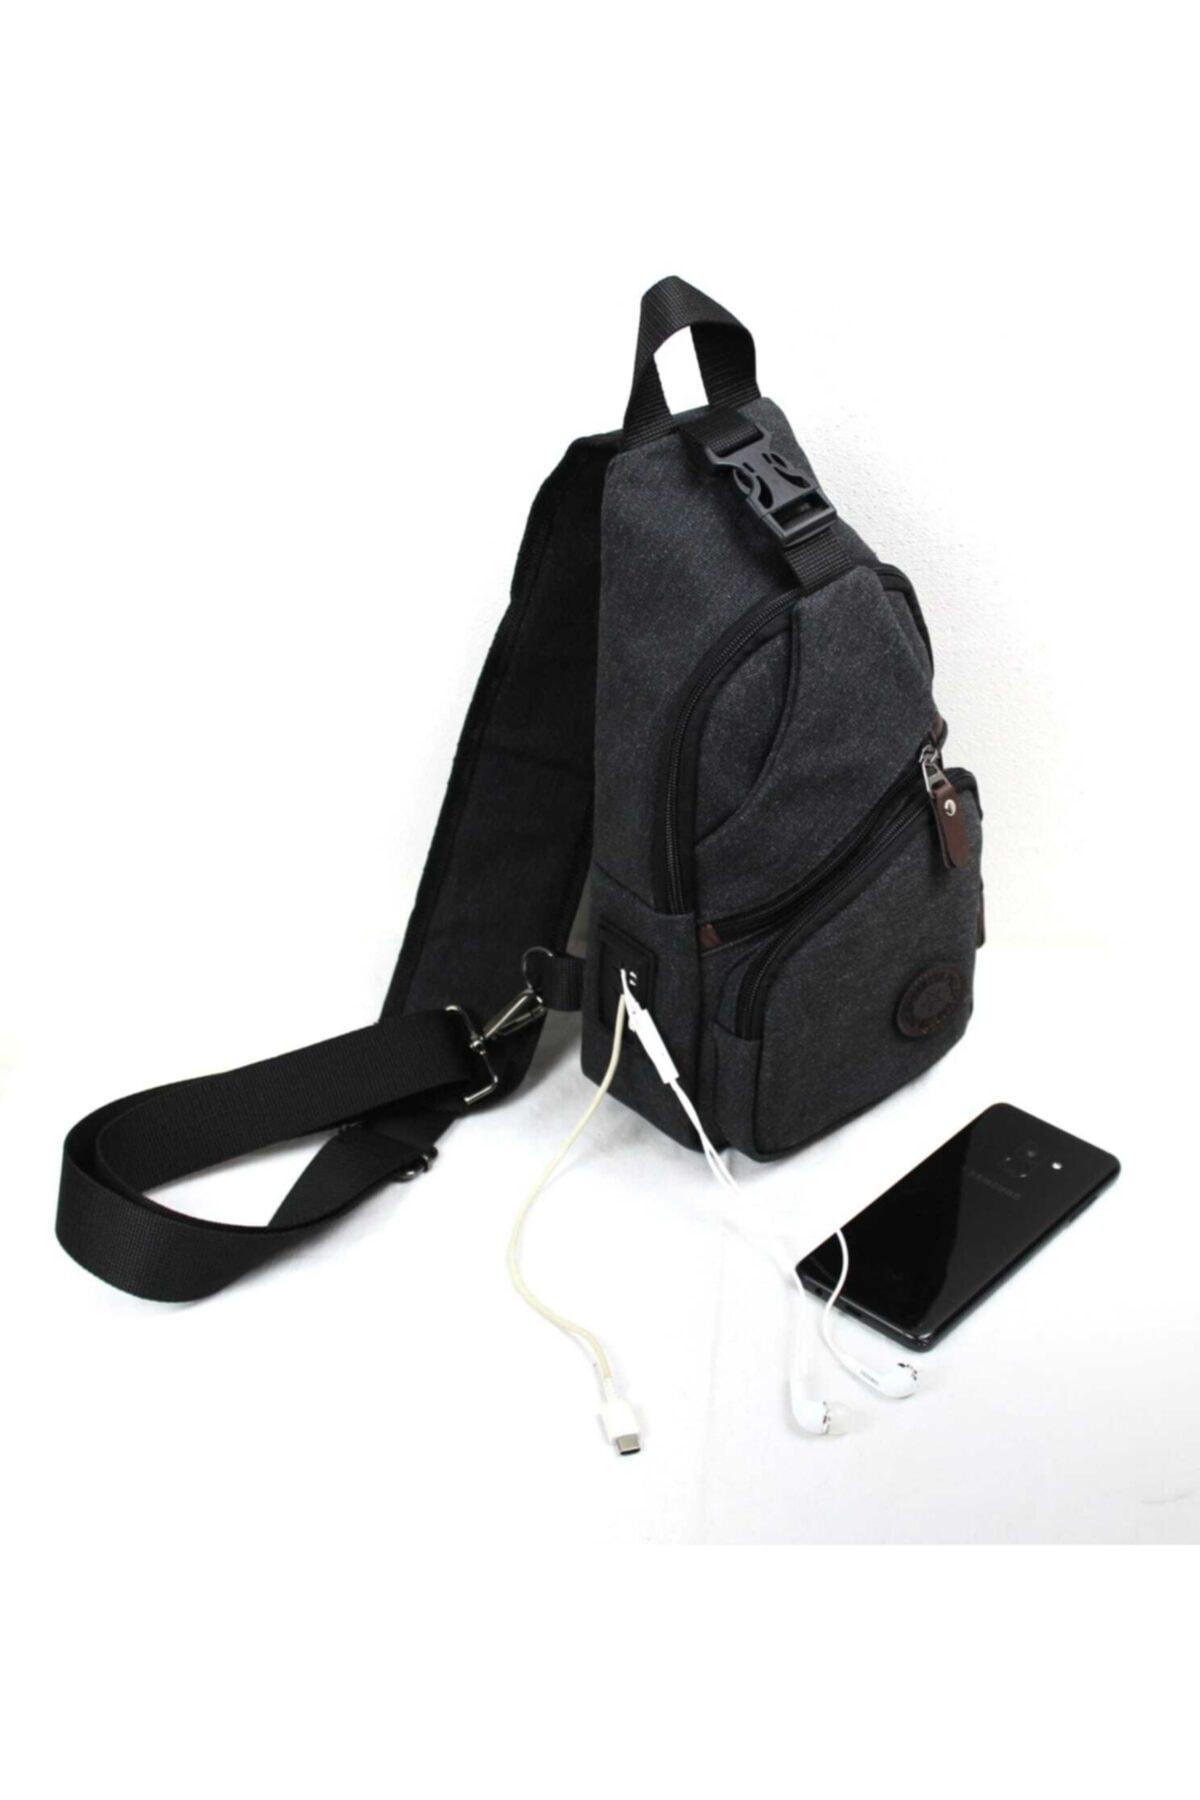 Newish Polo Kanvas Usb Çıkışlı Cross Bodybag 1